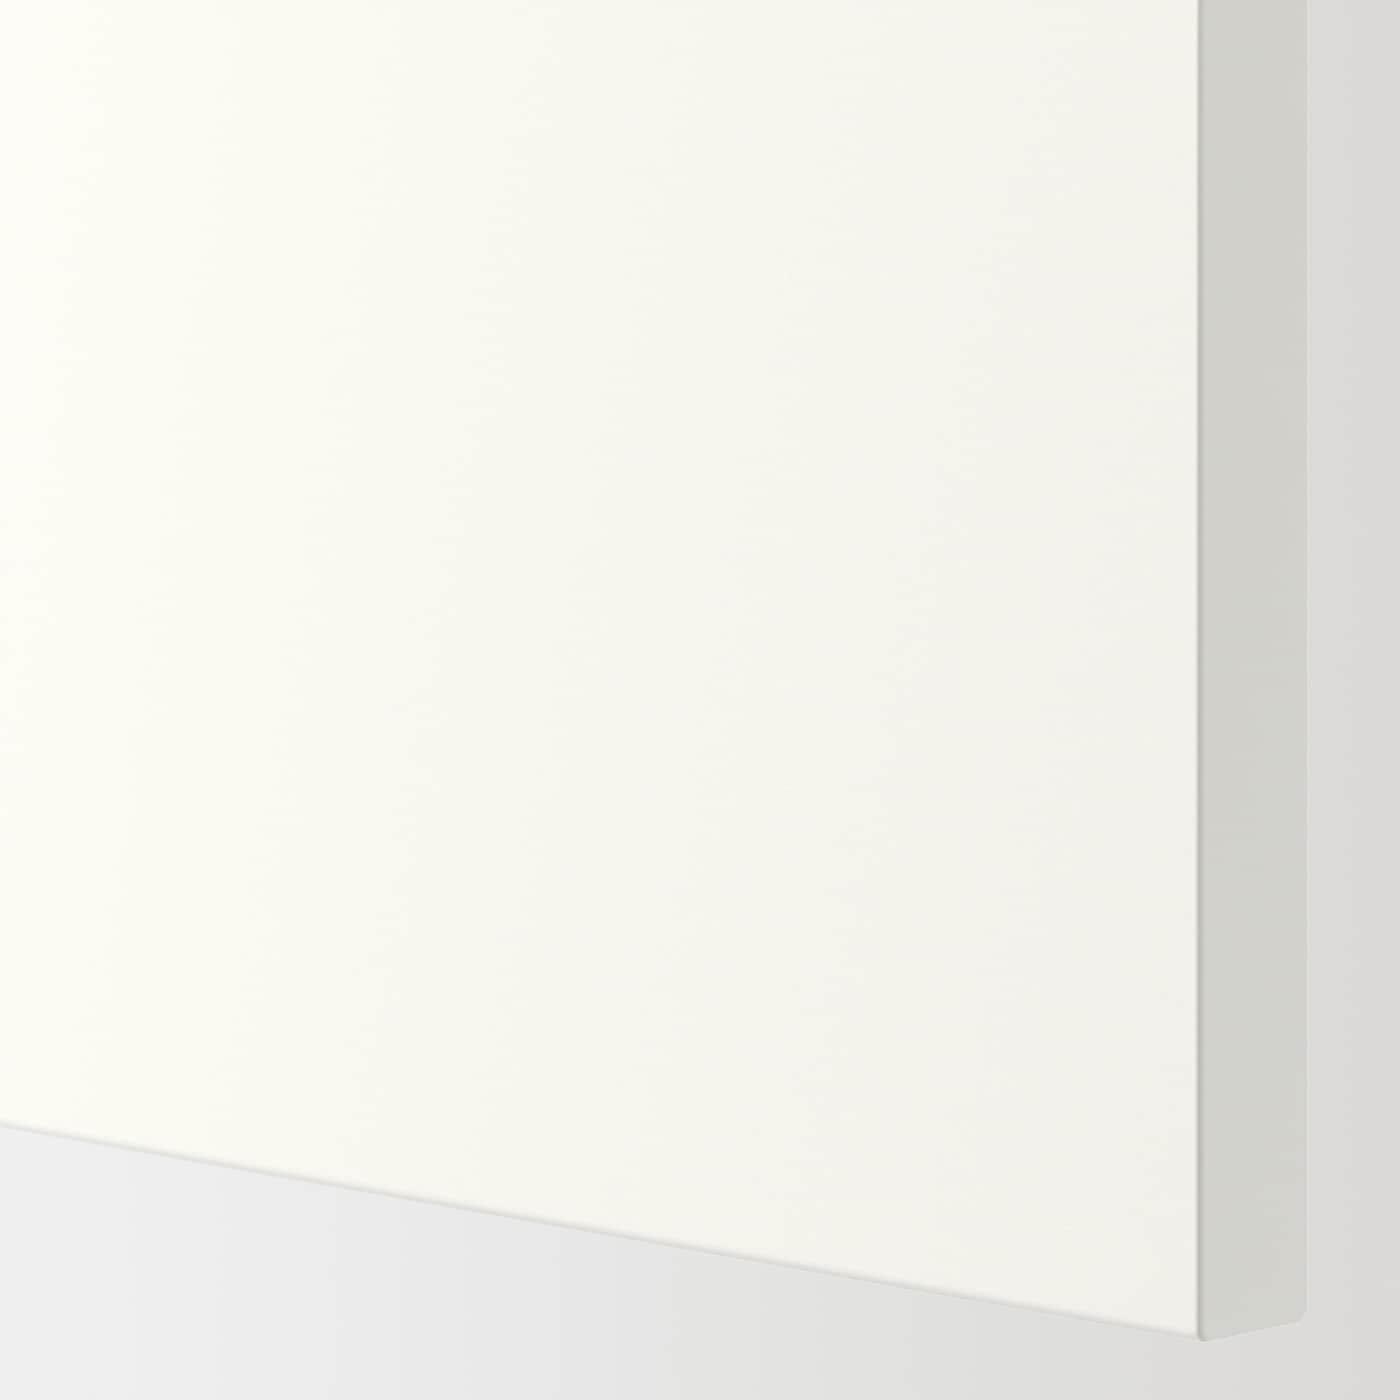 ENHET Unterschr f Spüle/Tür, weiß, 60x60x75 cm